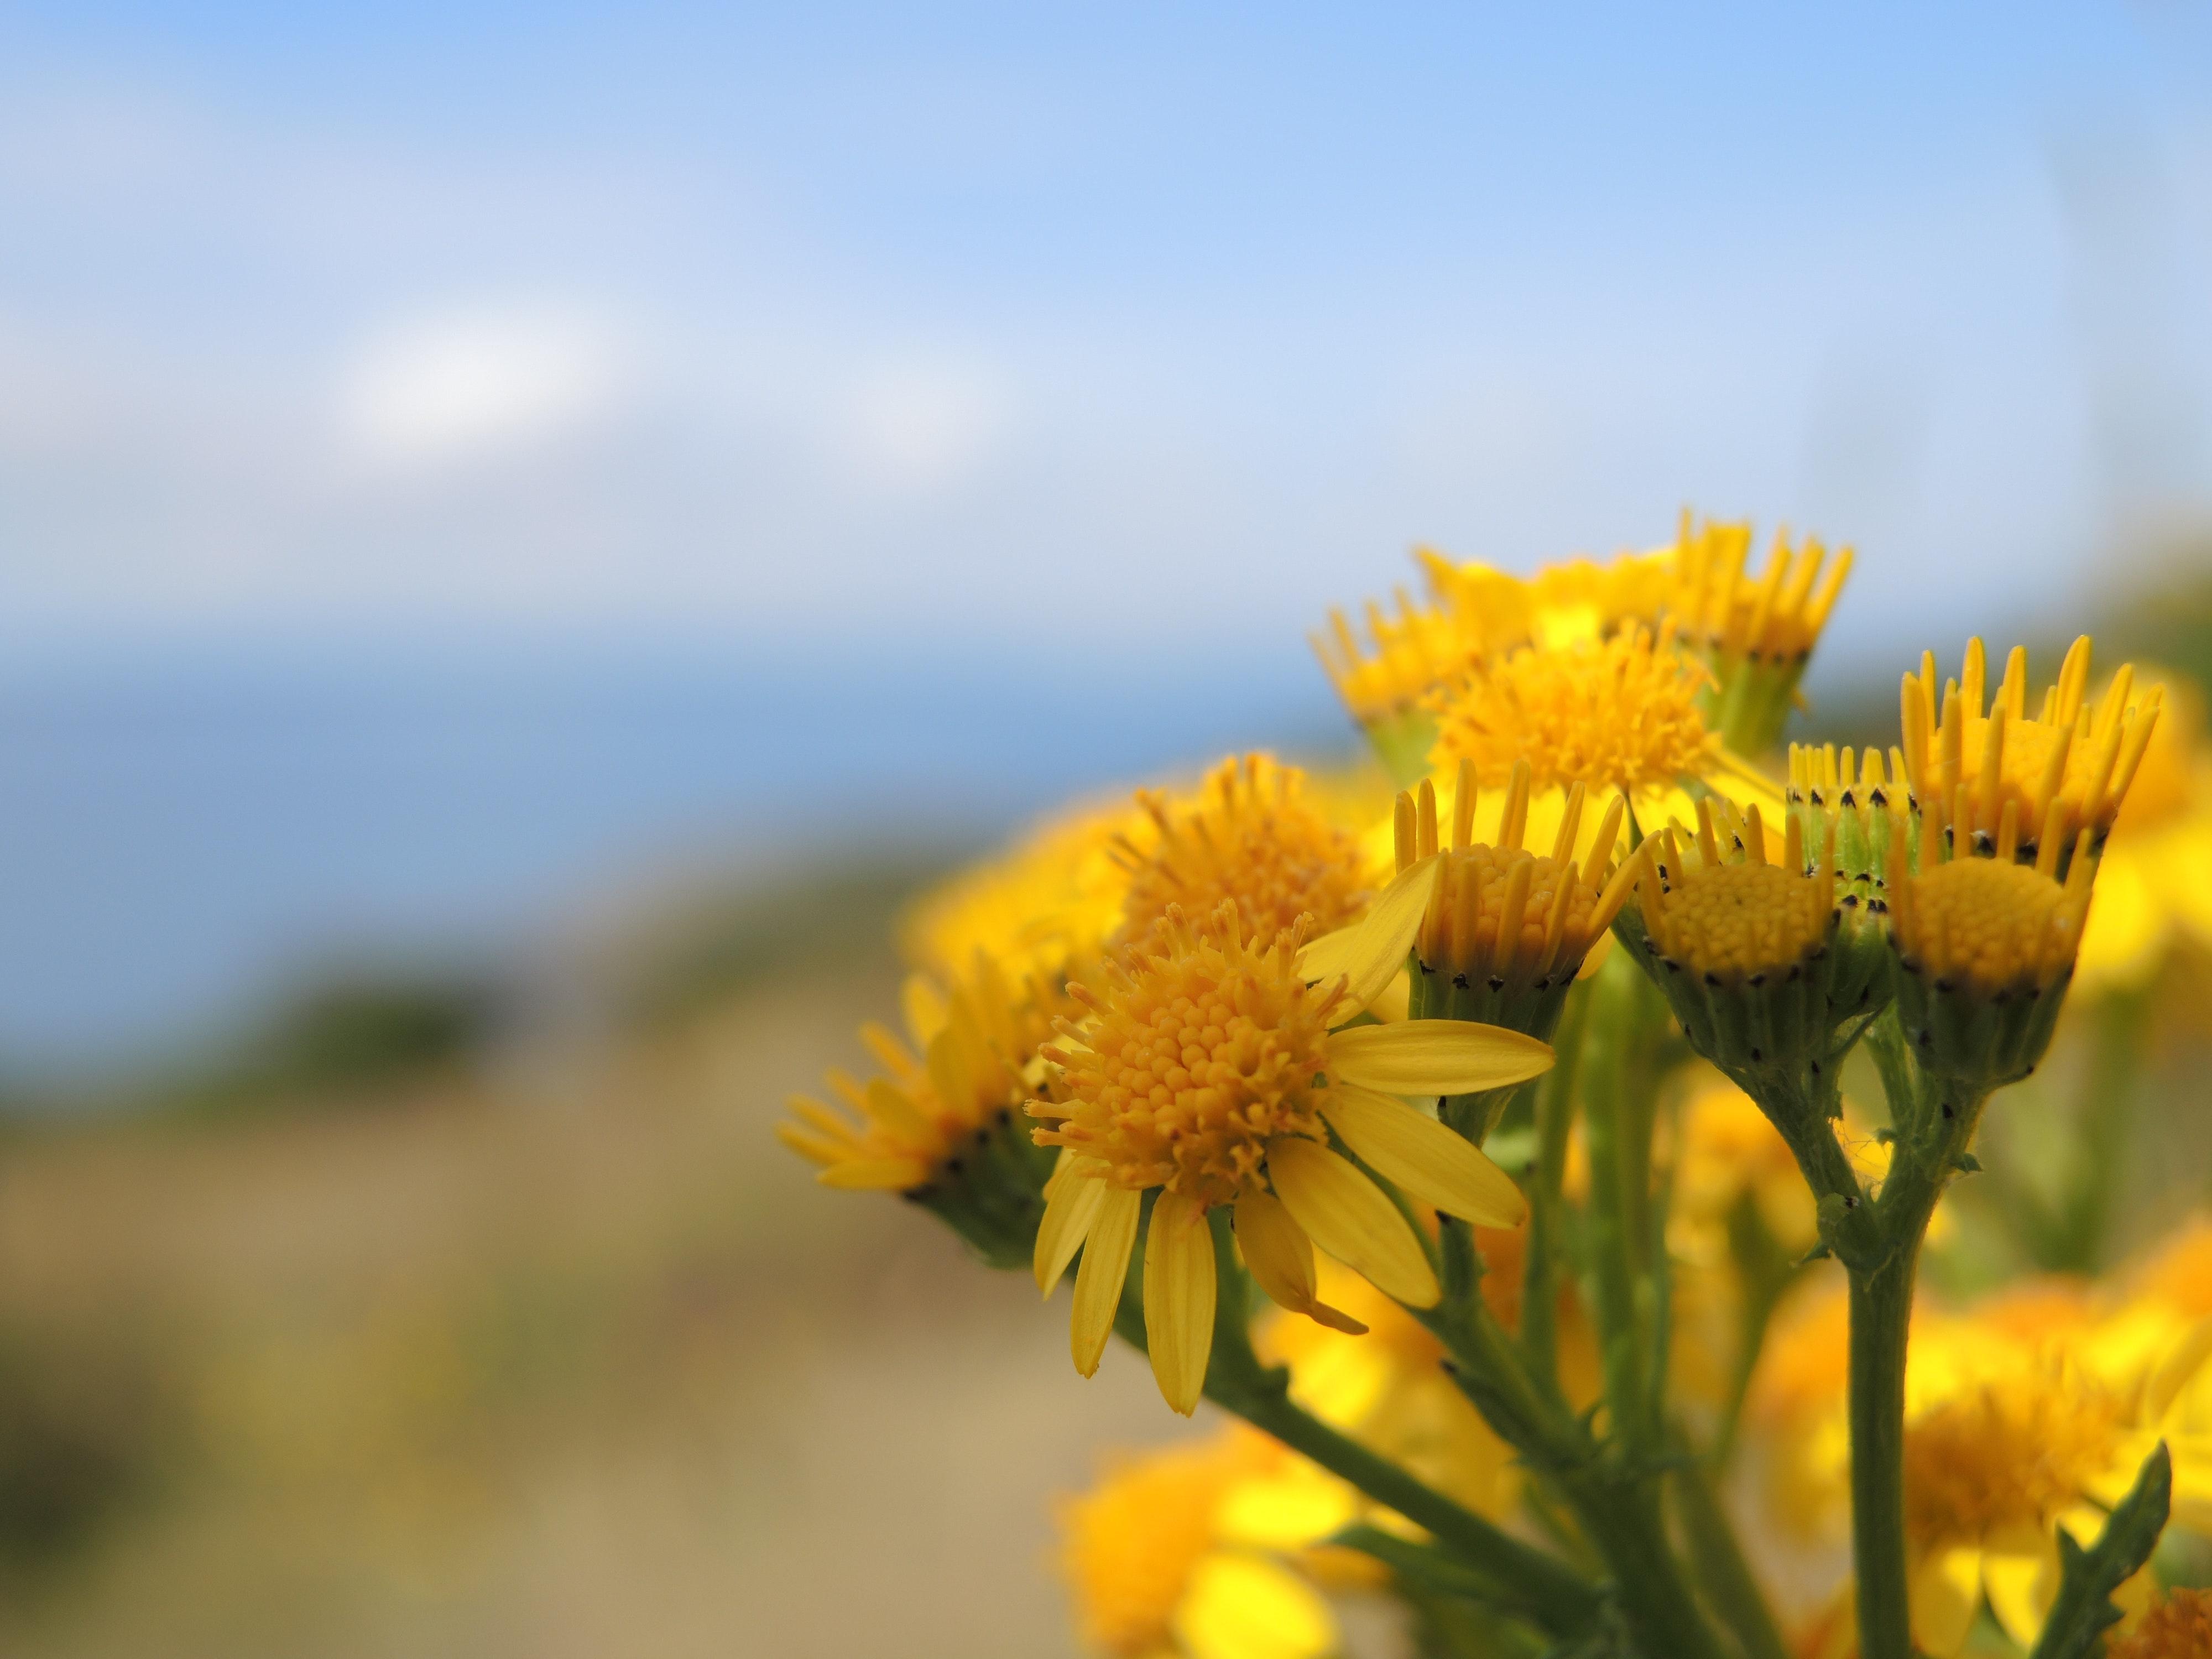 Macro Shot of Yellow Flower, Bloom, Grass, Wild, Sunny, HQ Photo